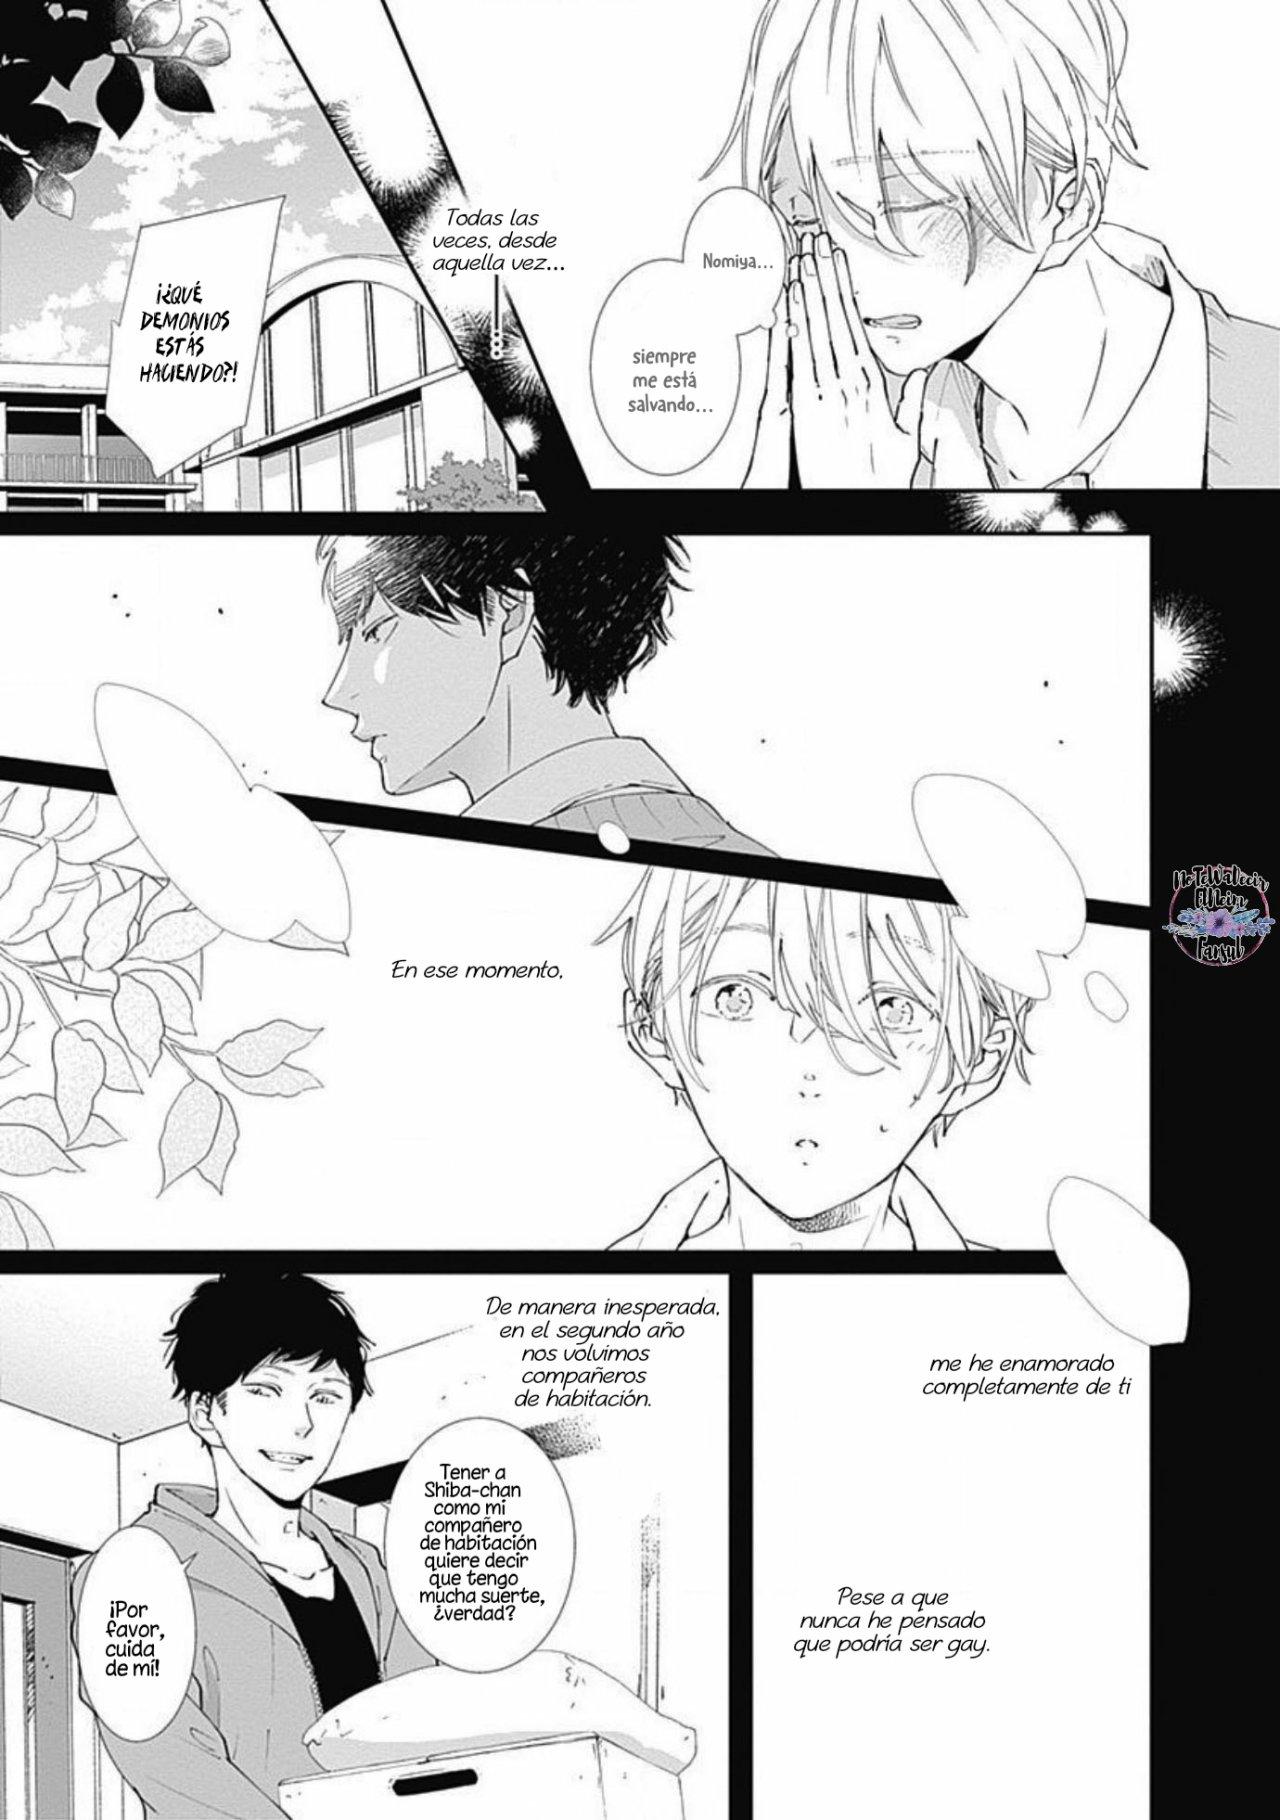 https://nine.mangadogs.com/es_manga/pic8/12/36684/946997/76cf99d3614e23eabab16fb27e944bf9.jpg Page 26